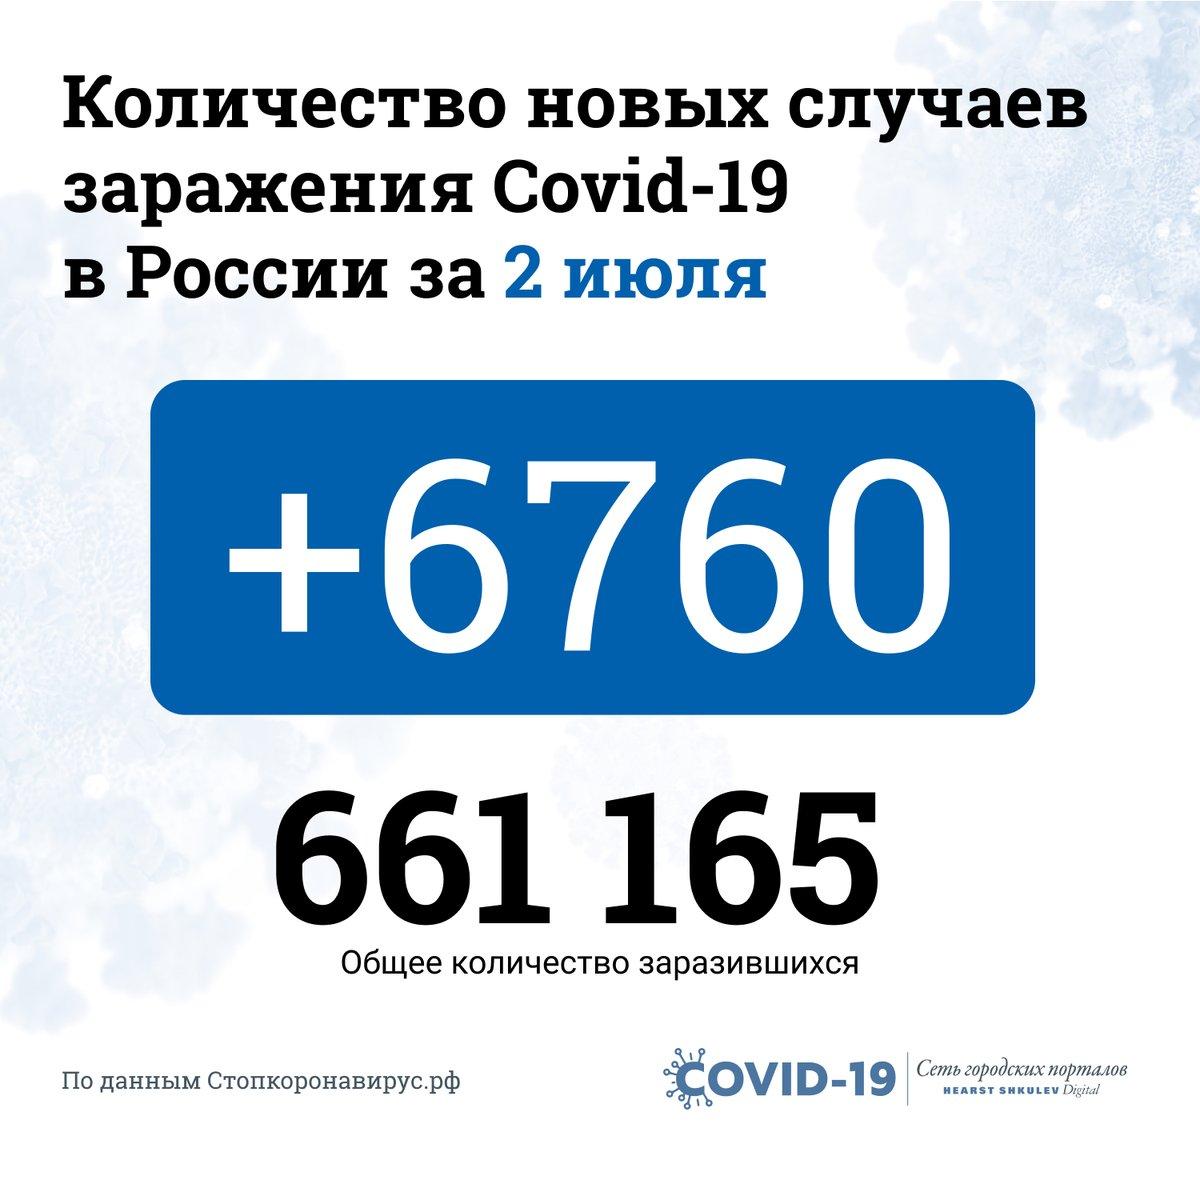 Федеральный оперштаб прислал новые данные по ситуации с коронавирусом в России. https://t.co/UjC1E2sGbc